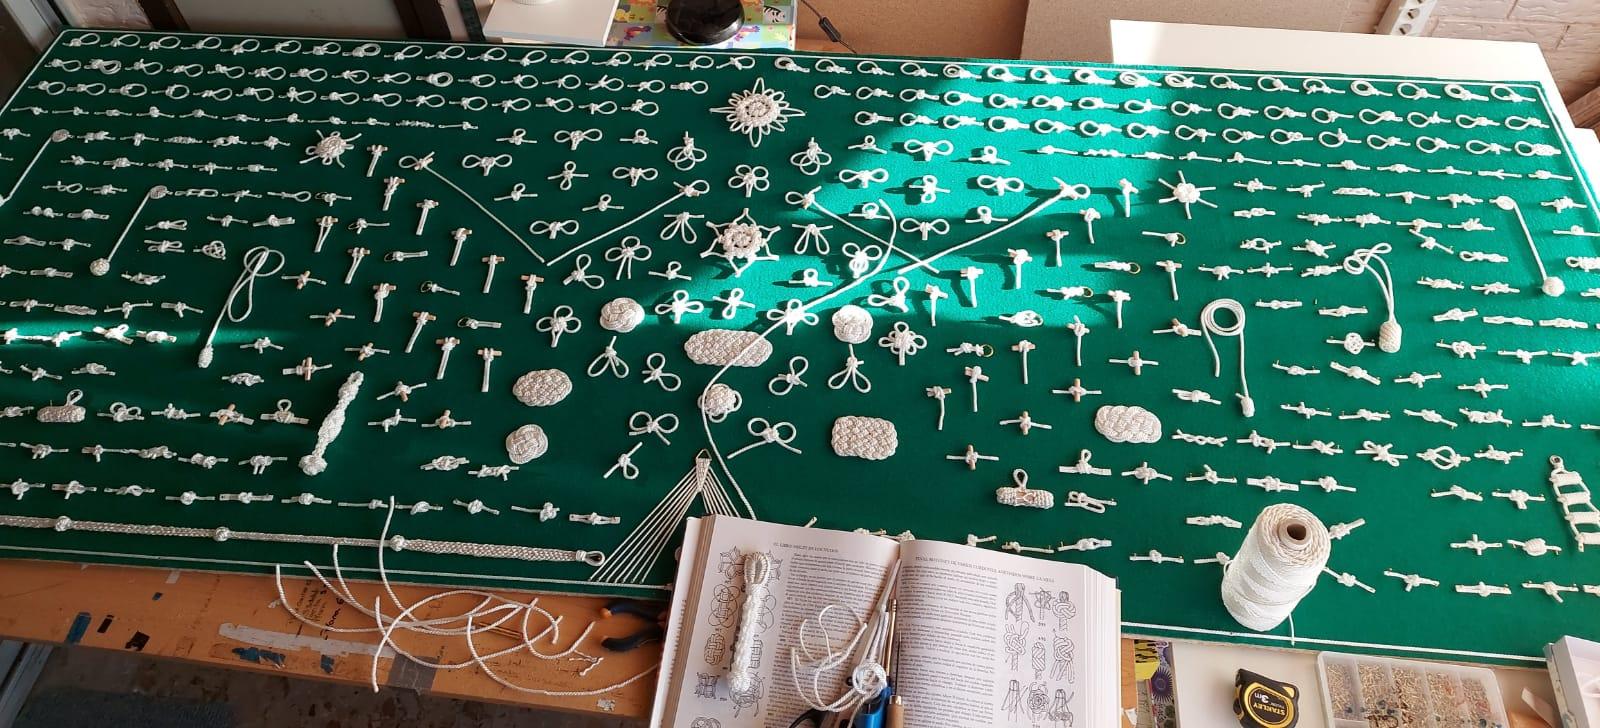 Knots board in process